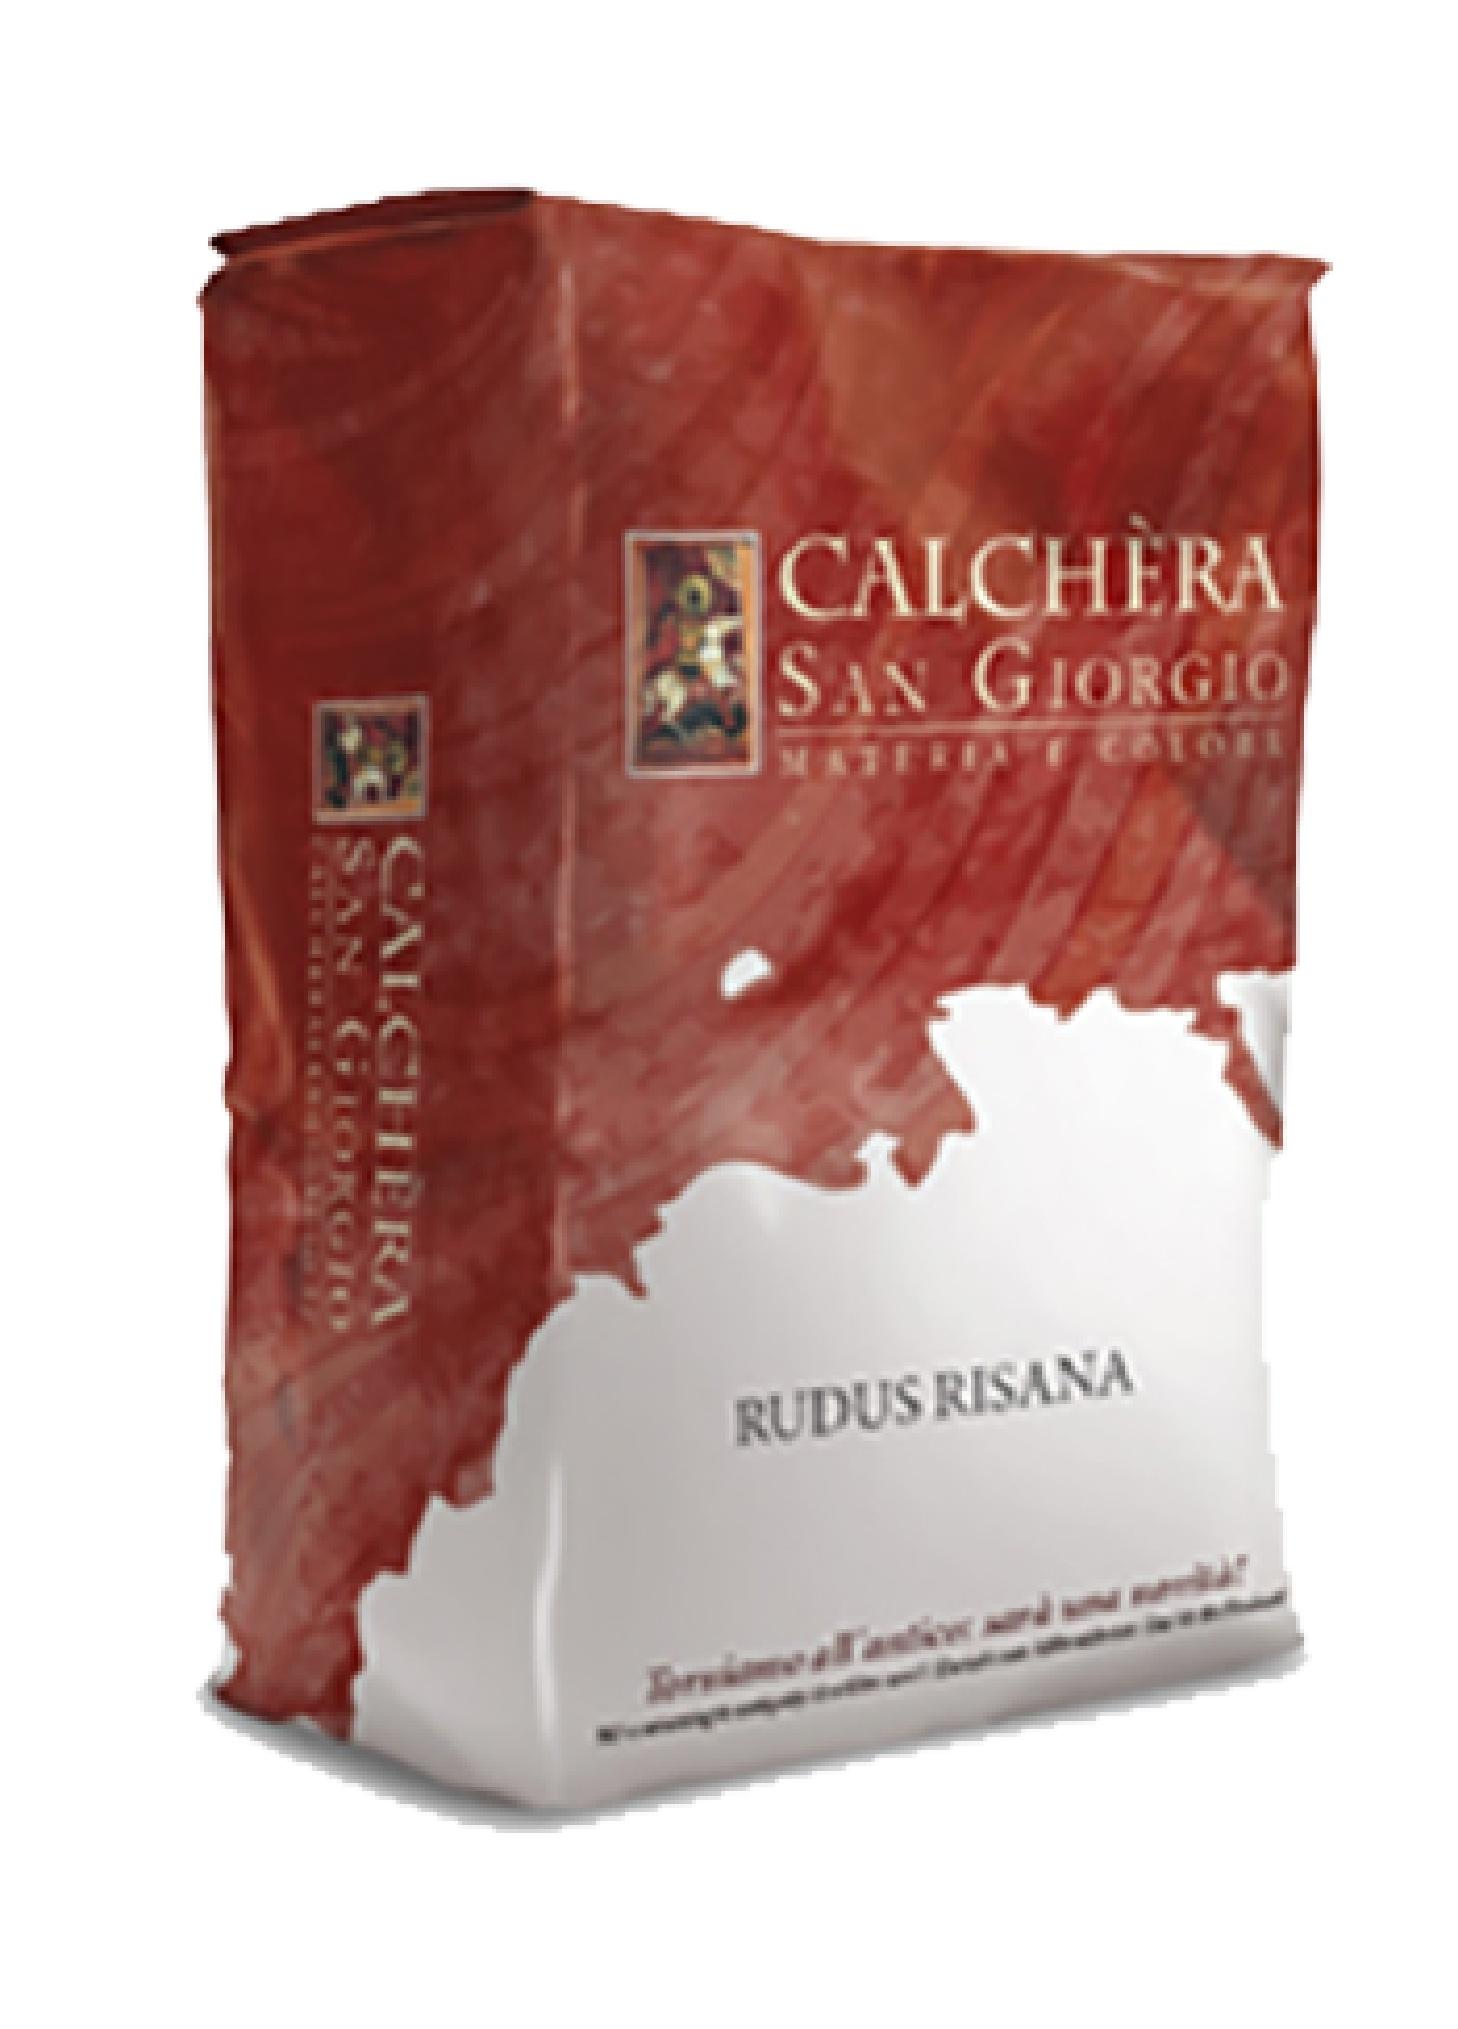 Rudus Risana: Saneermortel voor muren met opstijgend vocht, met zuivere natuurlijk h - Promacom